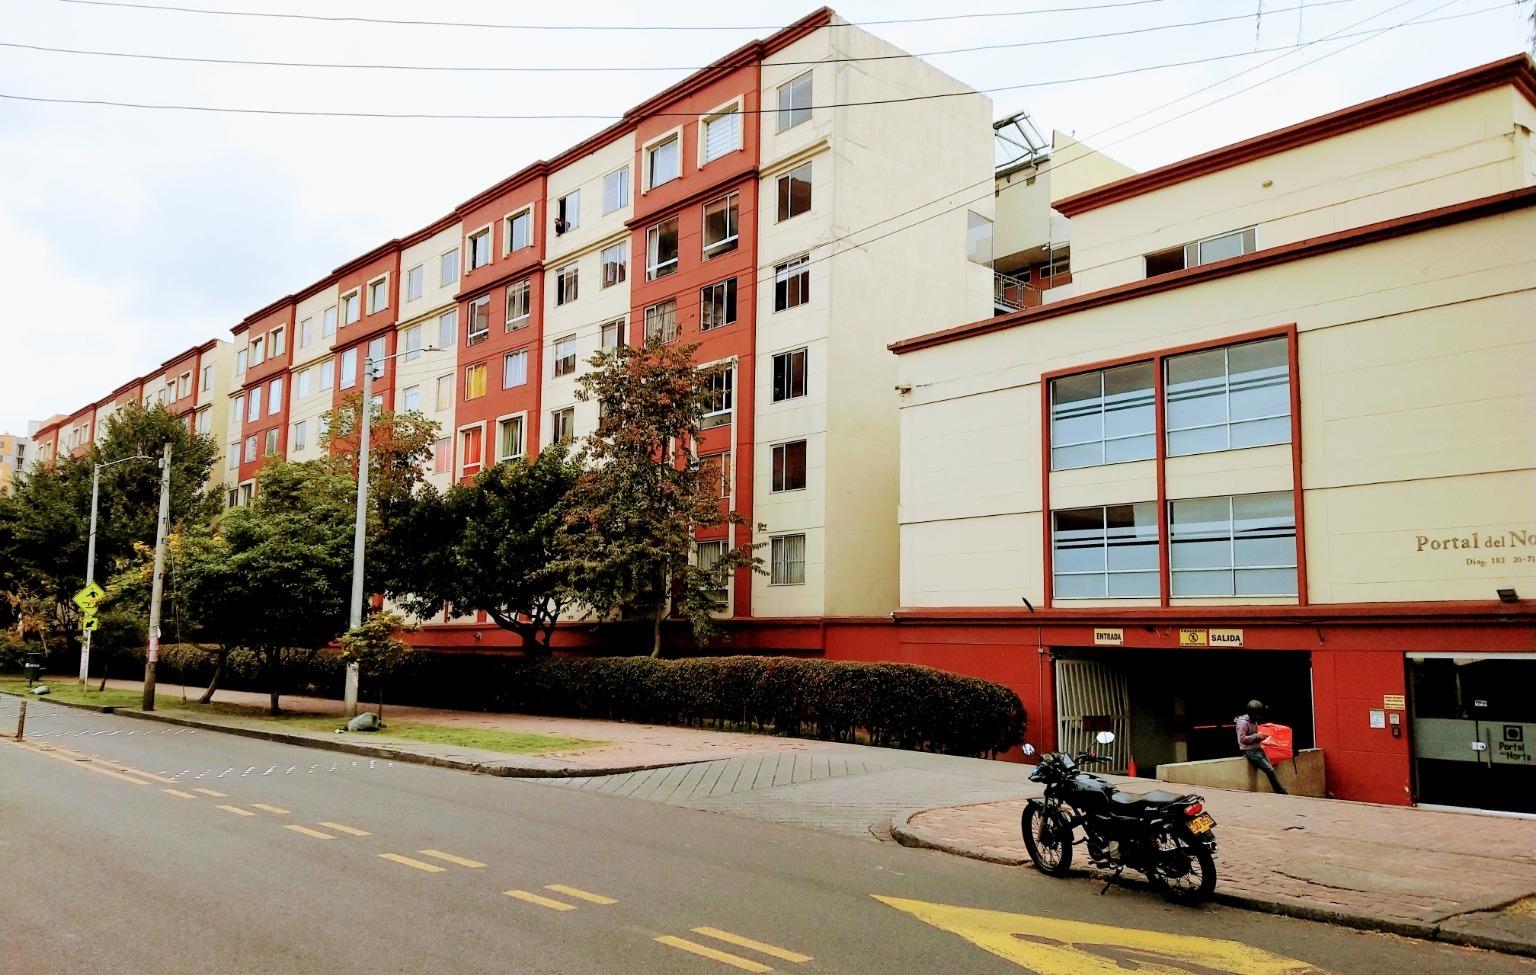 Apartamento en Portales Del Norte 11244, foto 0